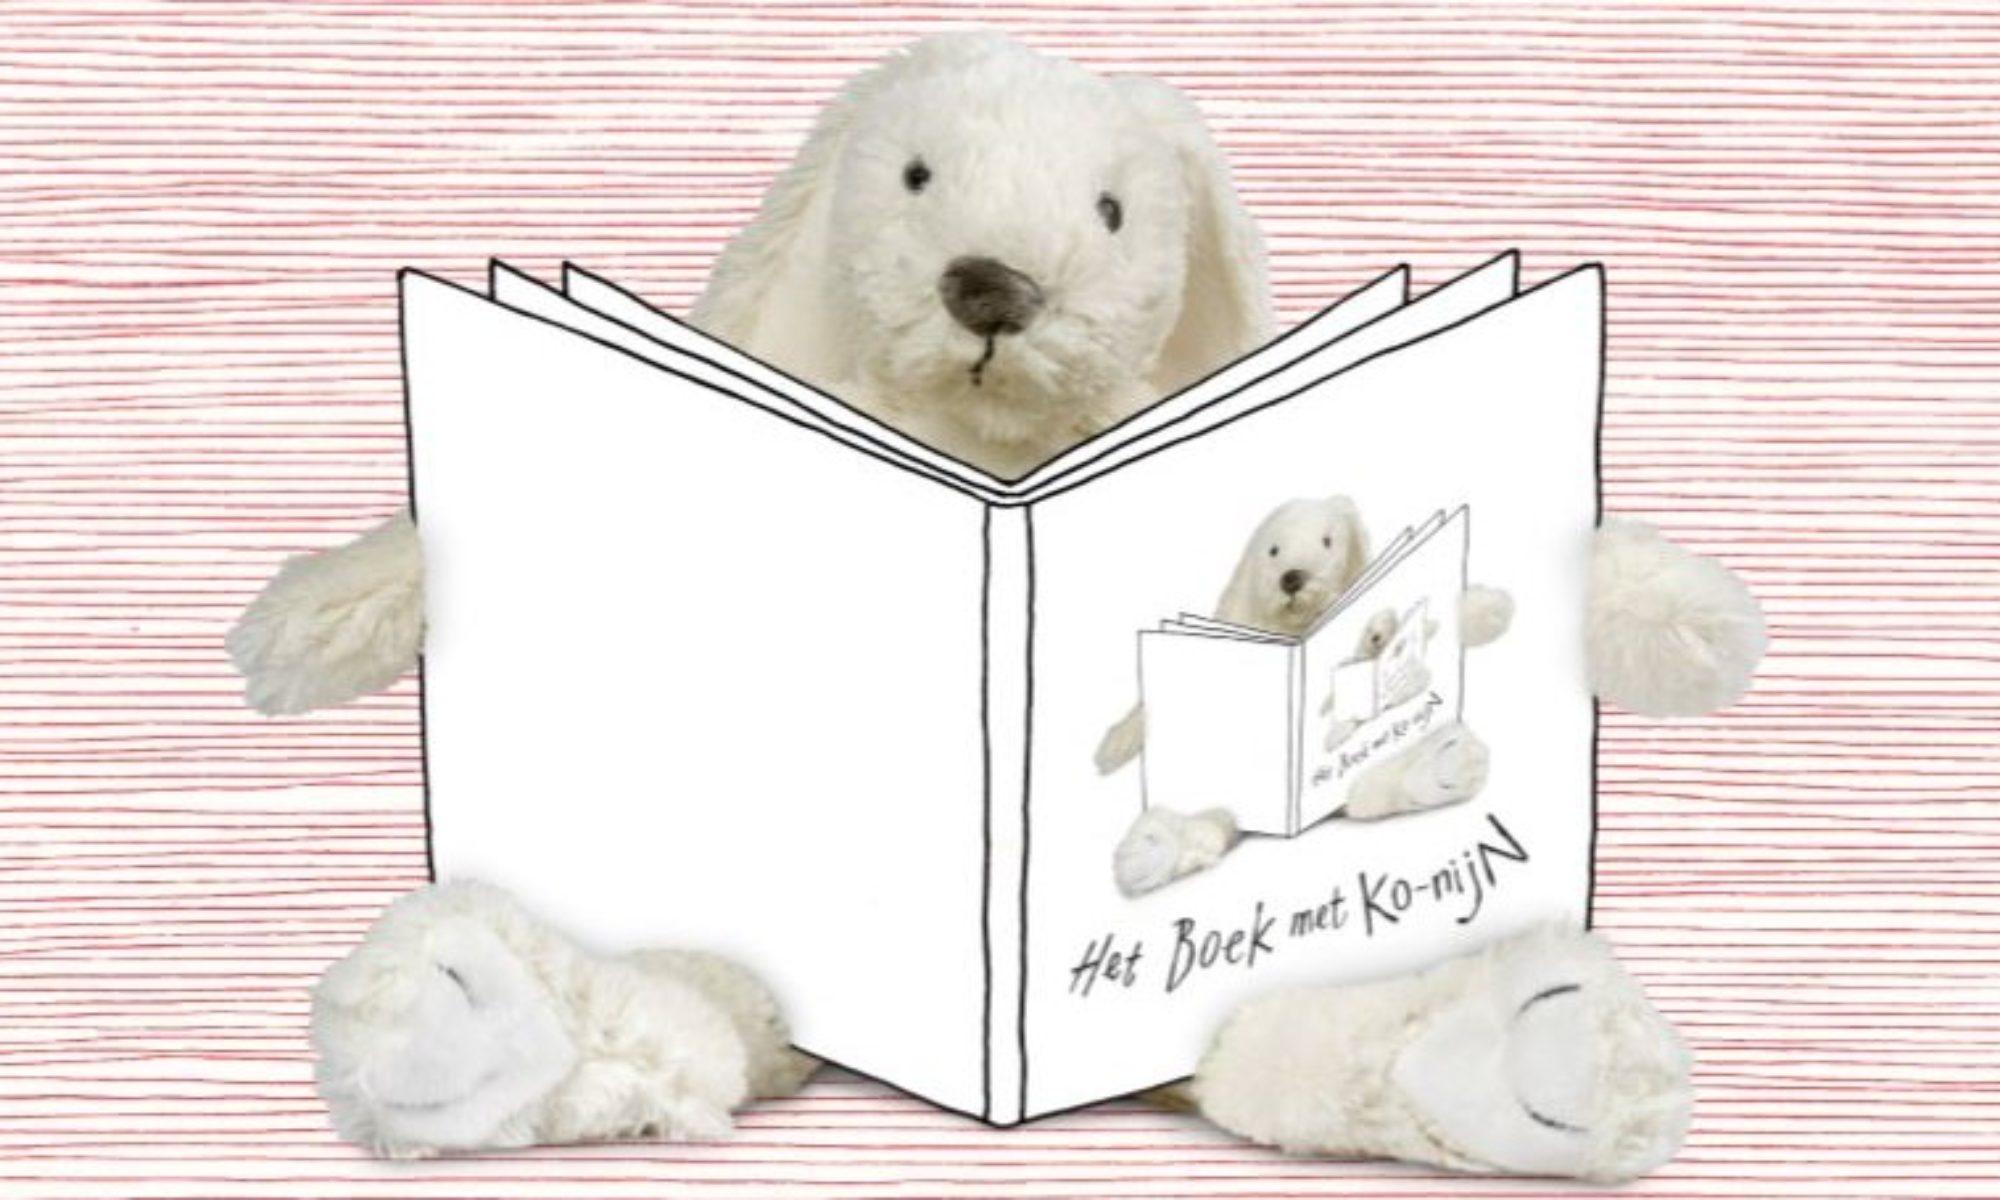 Het boek met Ko-Nijn